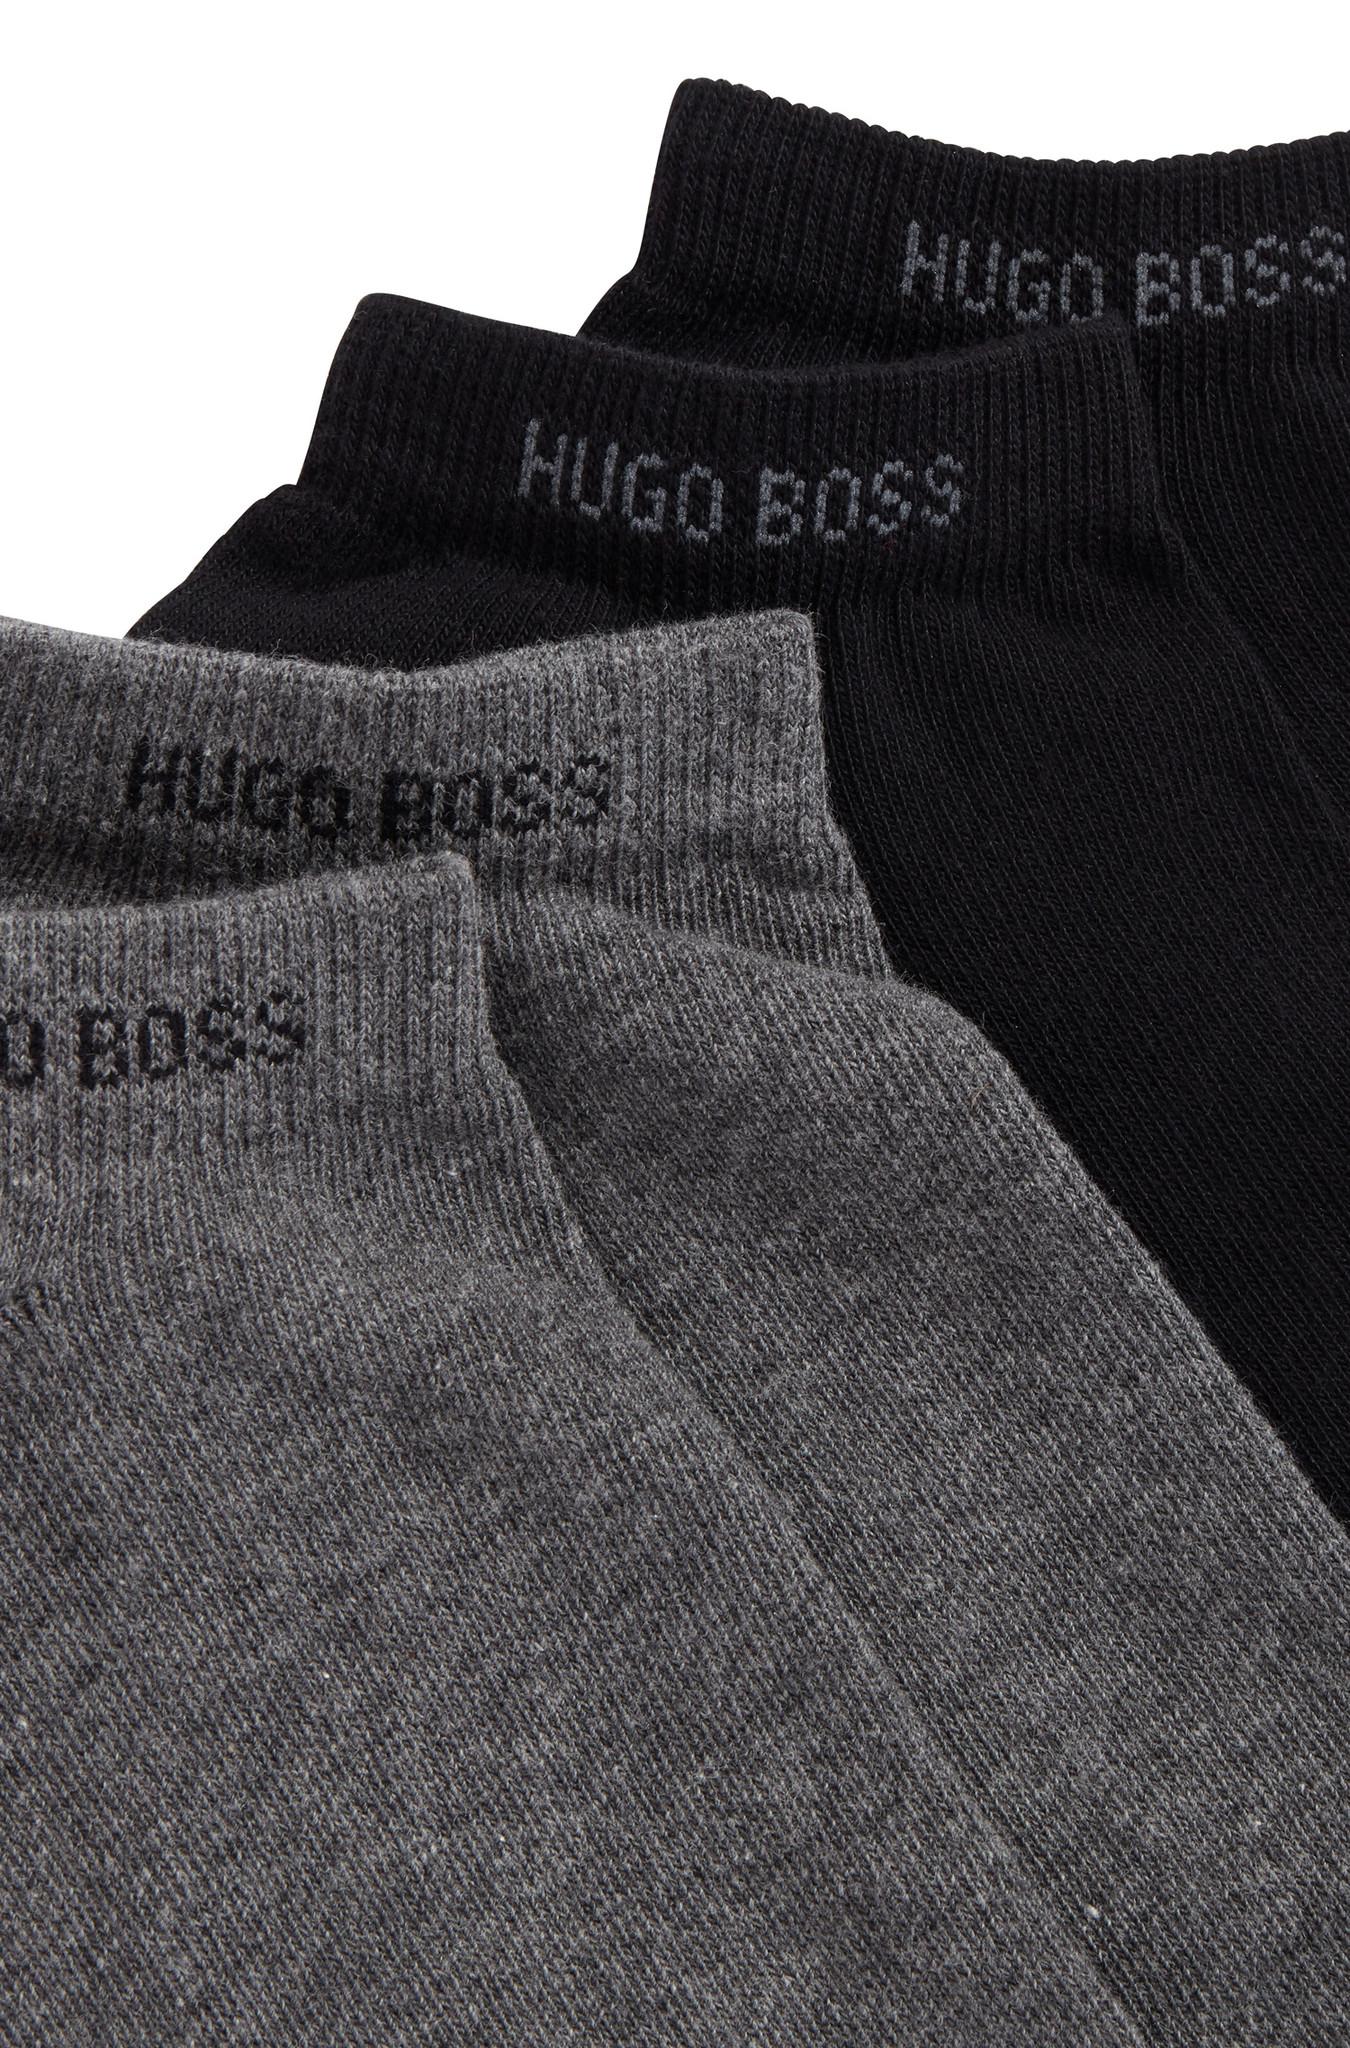 Hugo Boss Sokken Hugo Boss 50407405-032